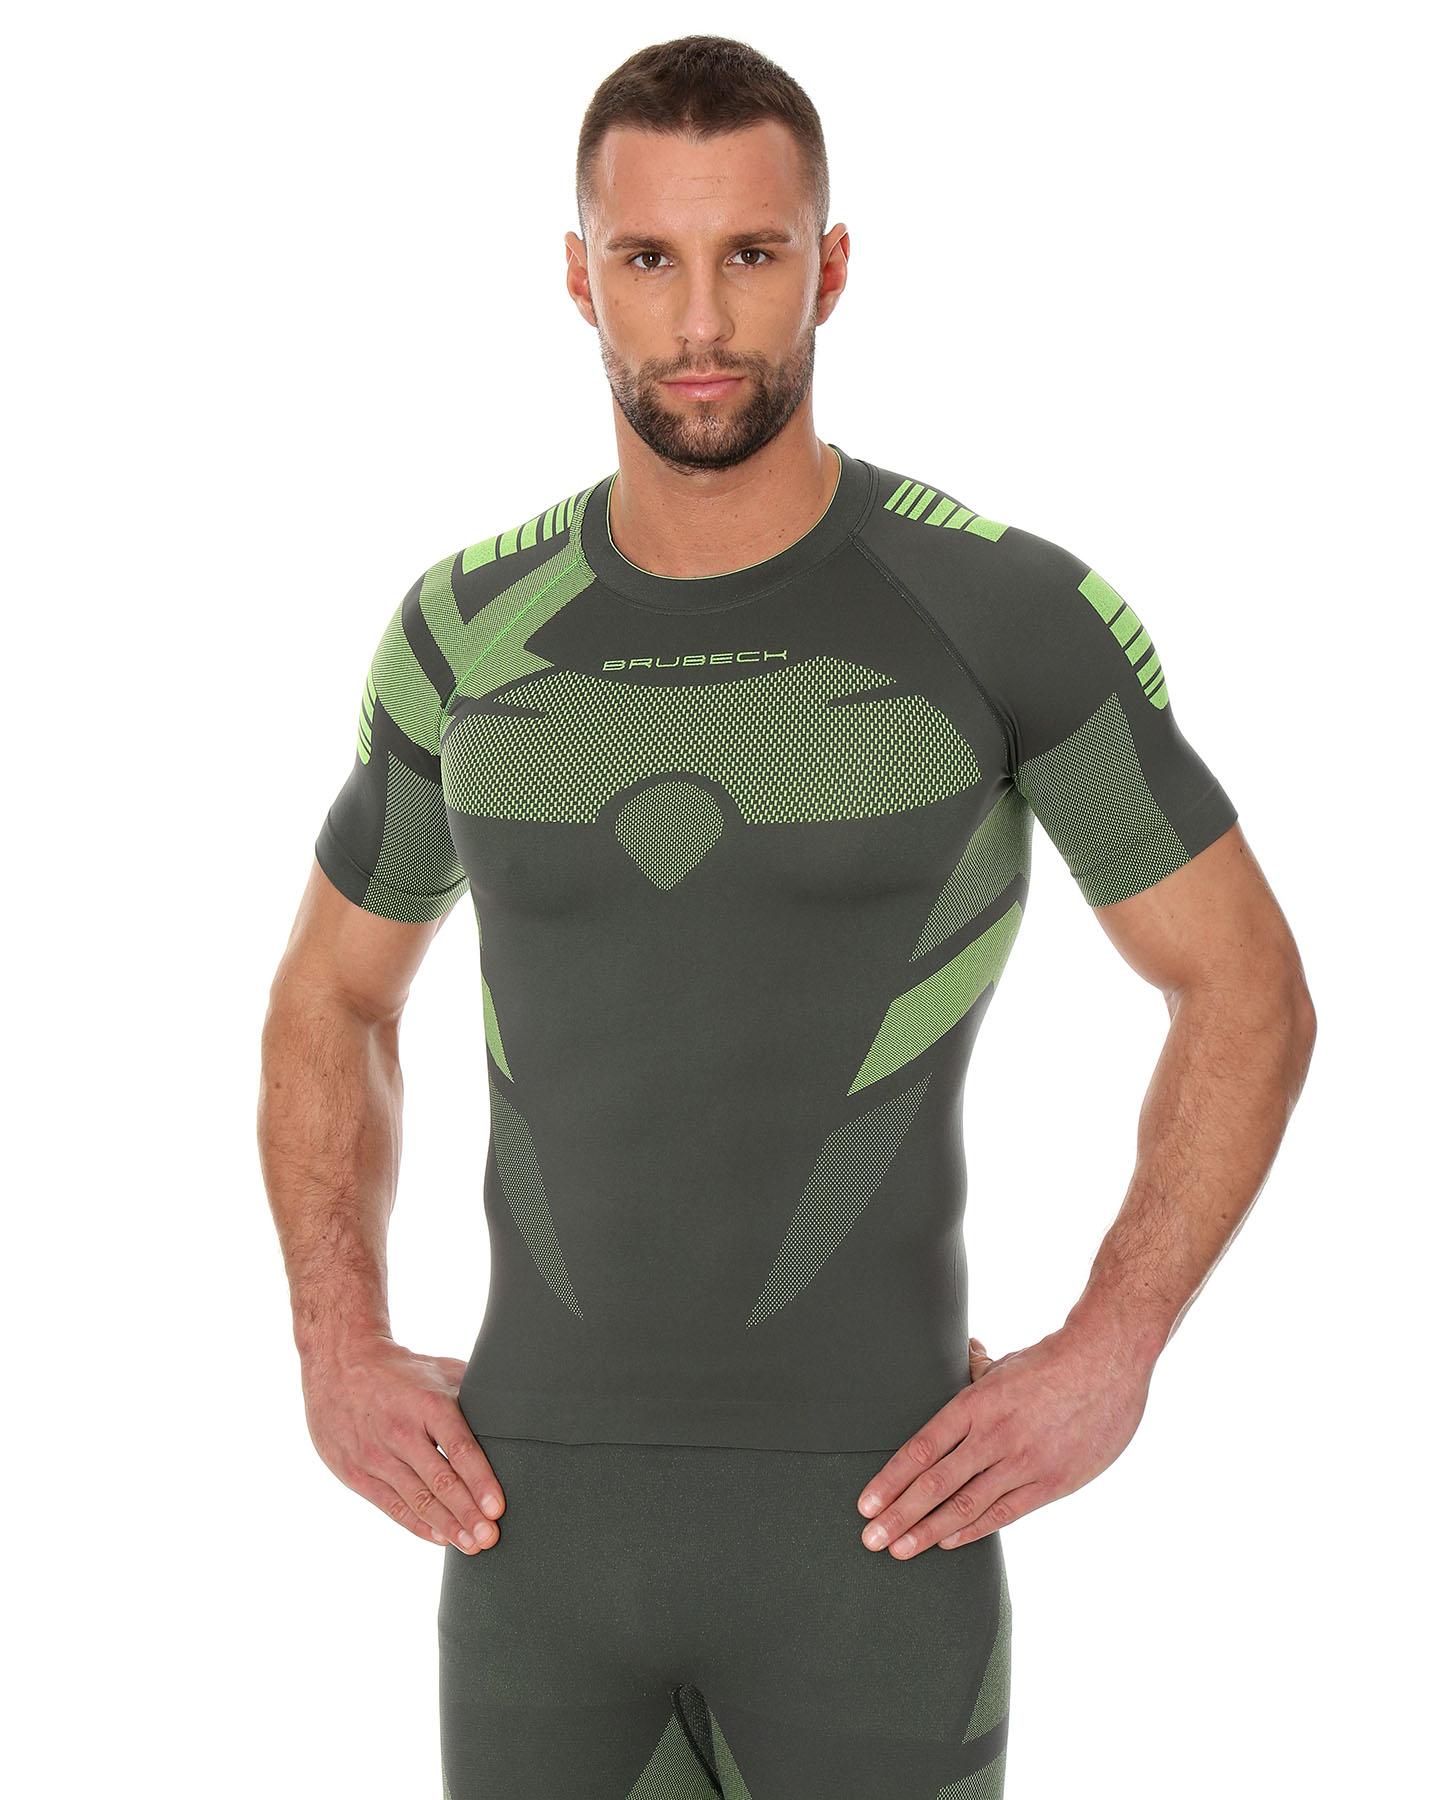 a630051f00b109 BRUBECK Dry SS Men's shirt - Thermoactive shirts - Sklep z odzieżą  Termoaktywnie.pl